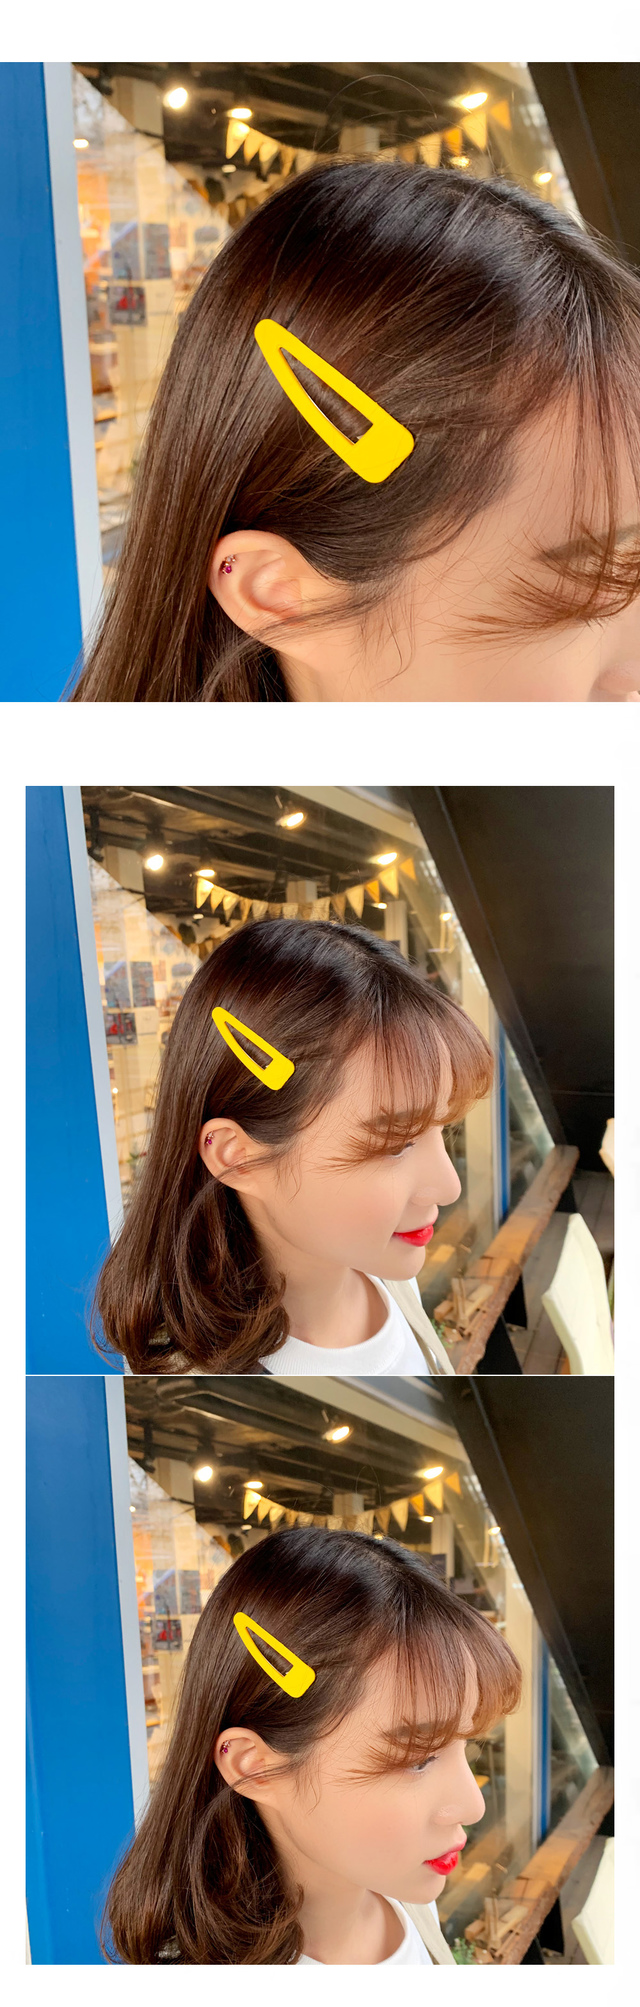 Triangular rainbow hairpin